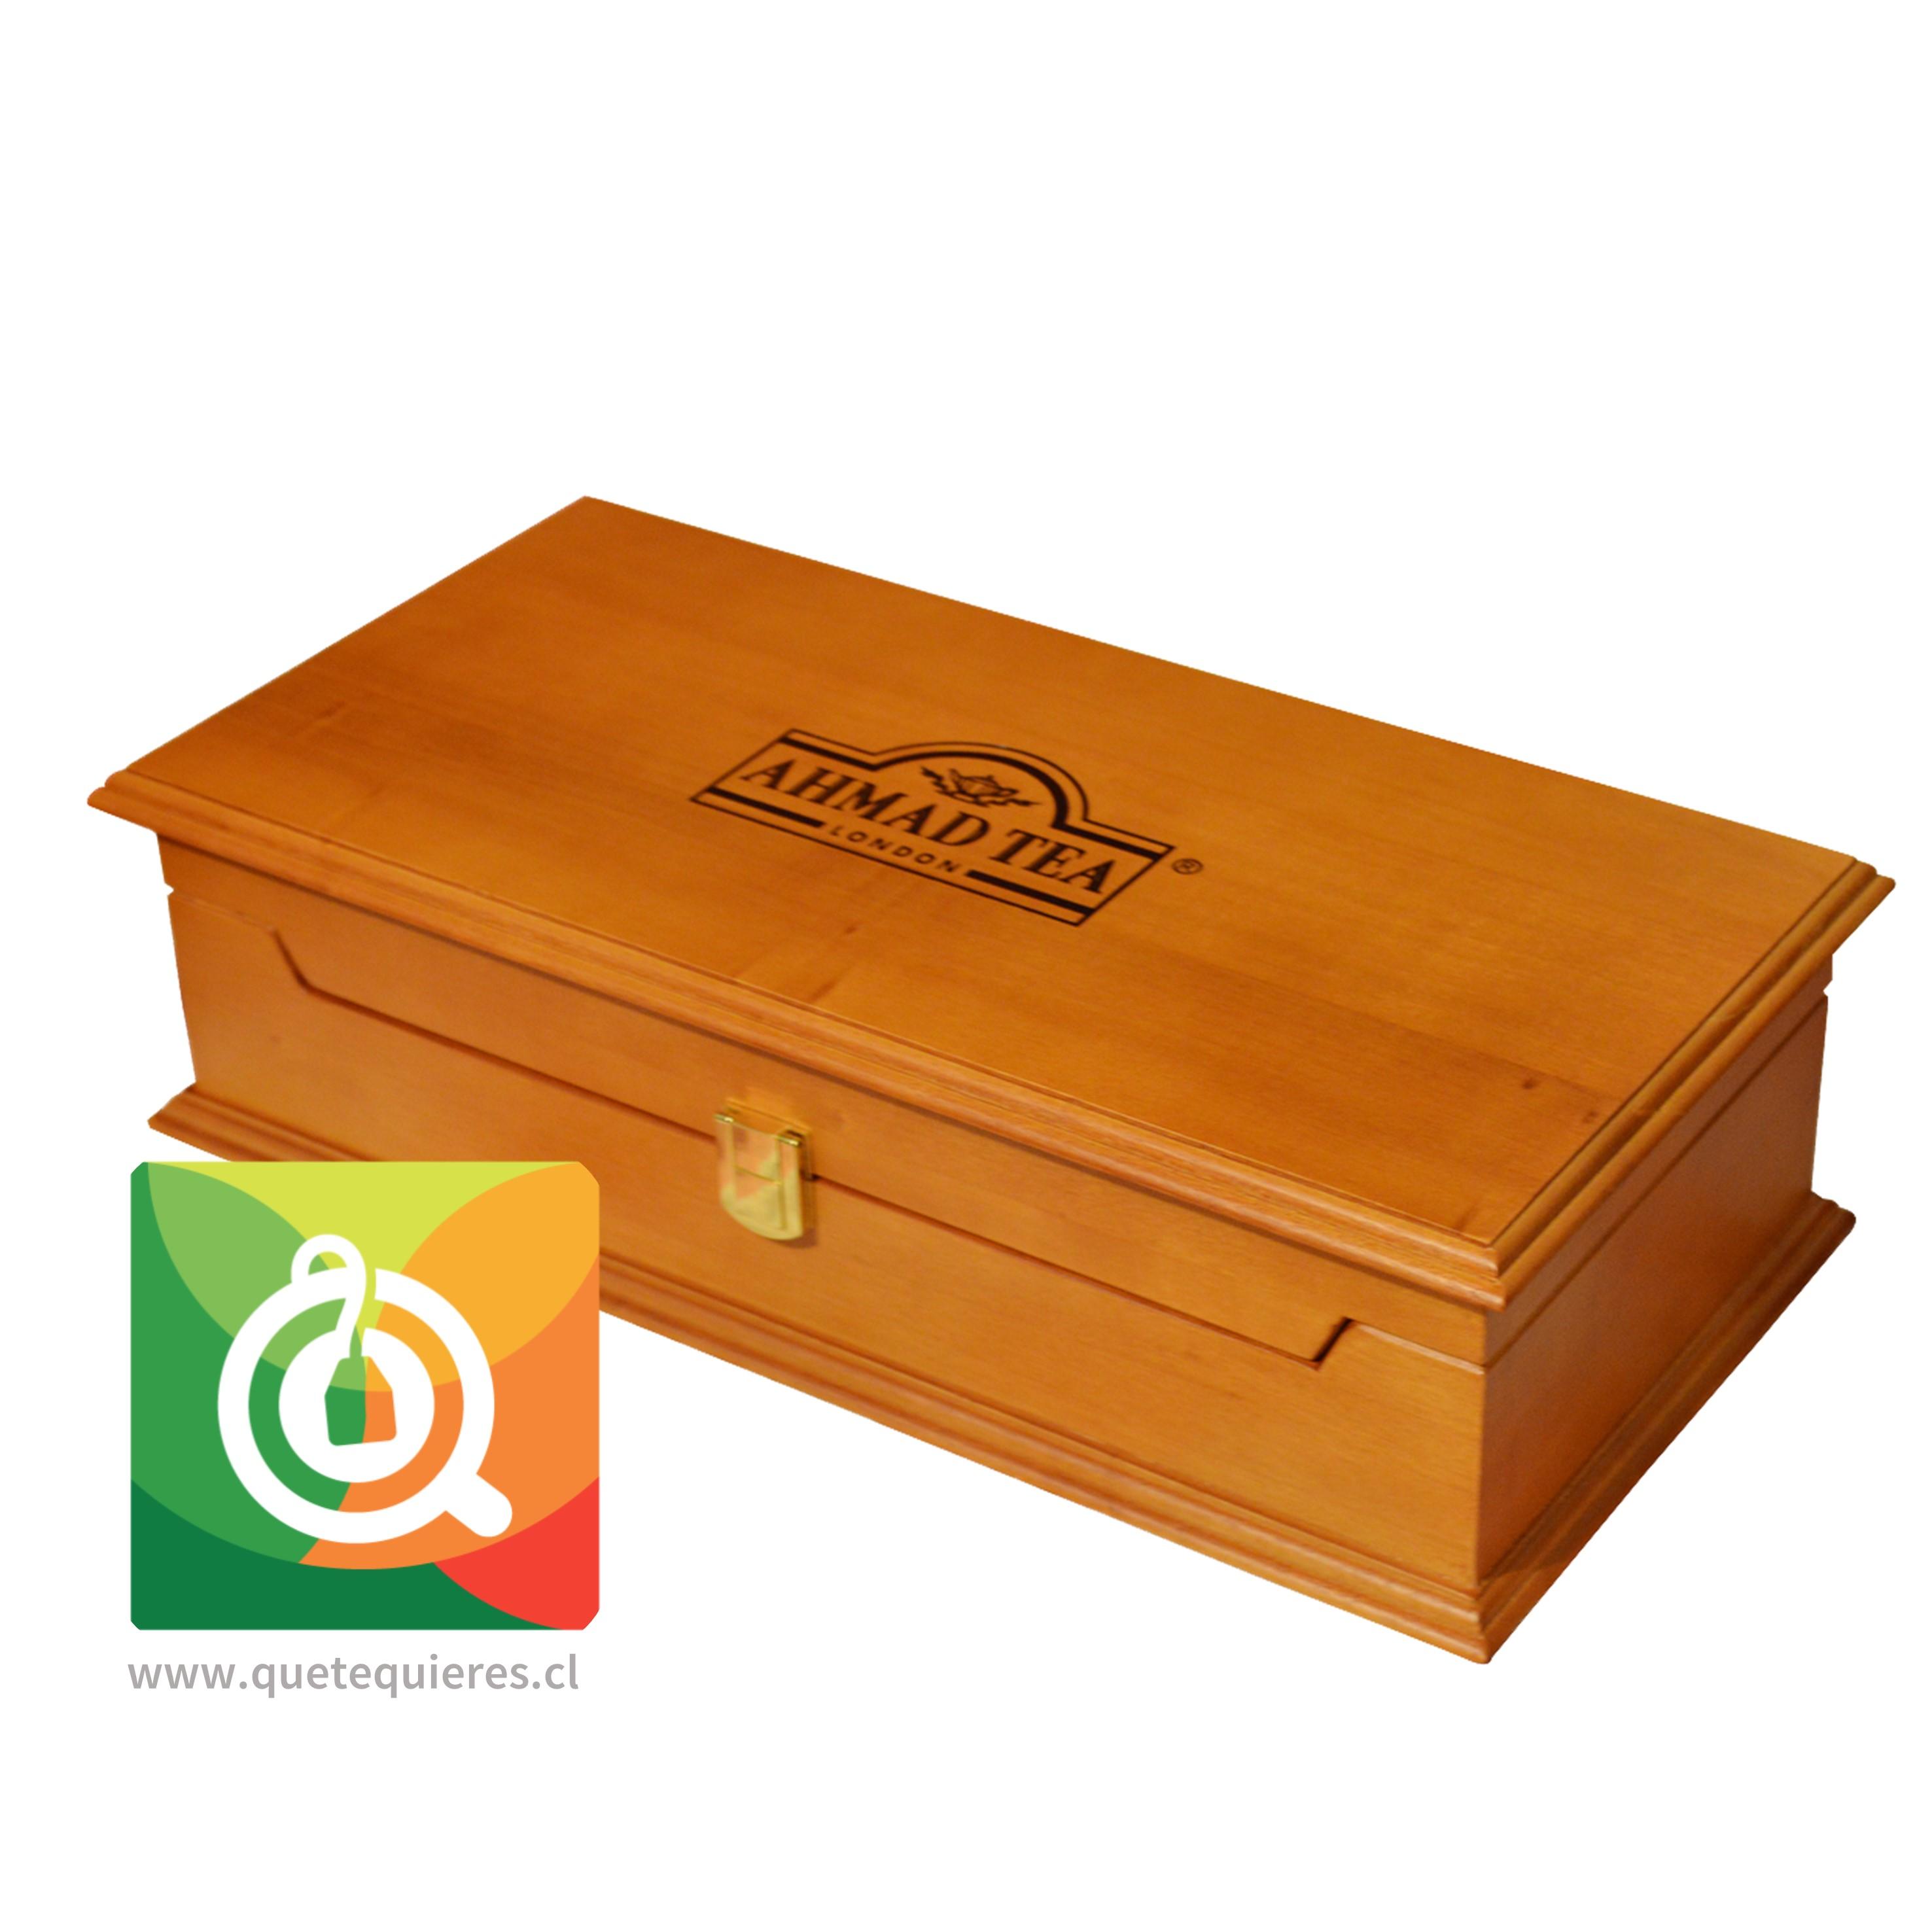 Ahmad Caja de Madera - Presentador de Madera Incluye 100 Bolsitas